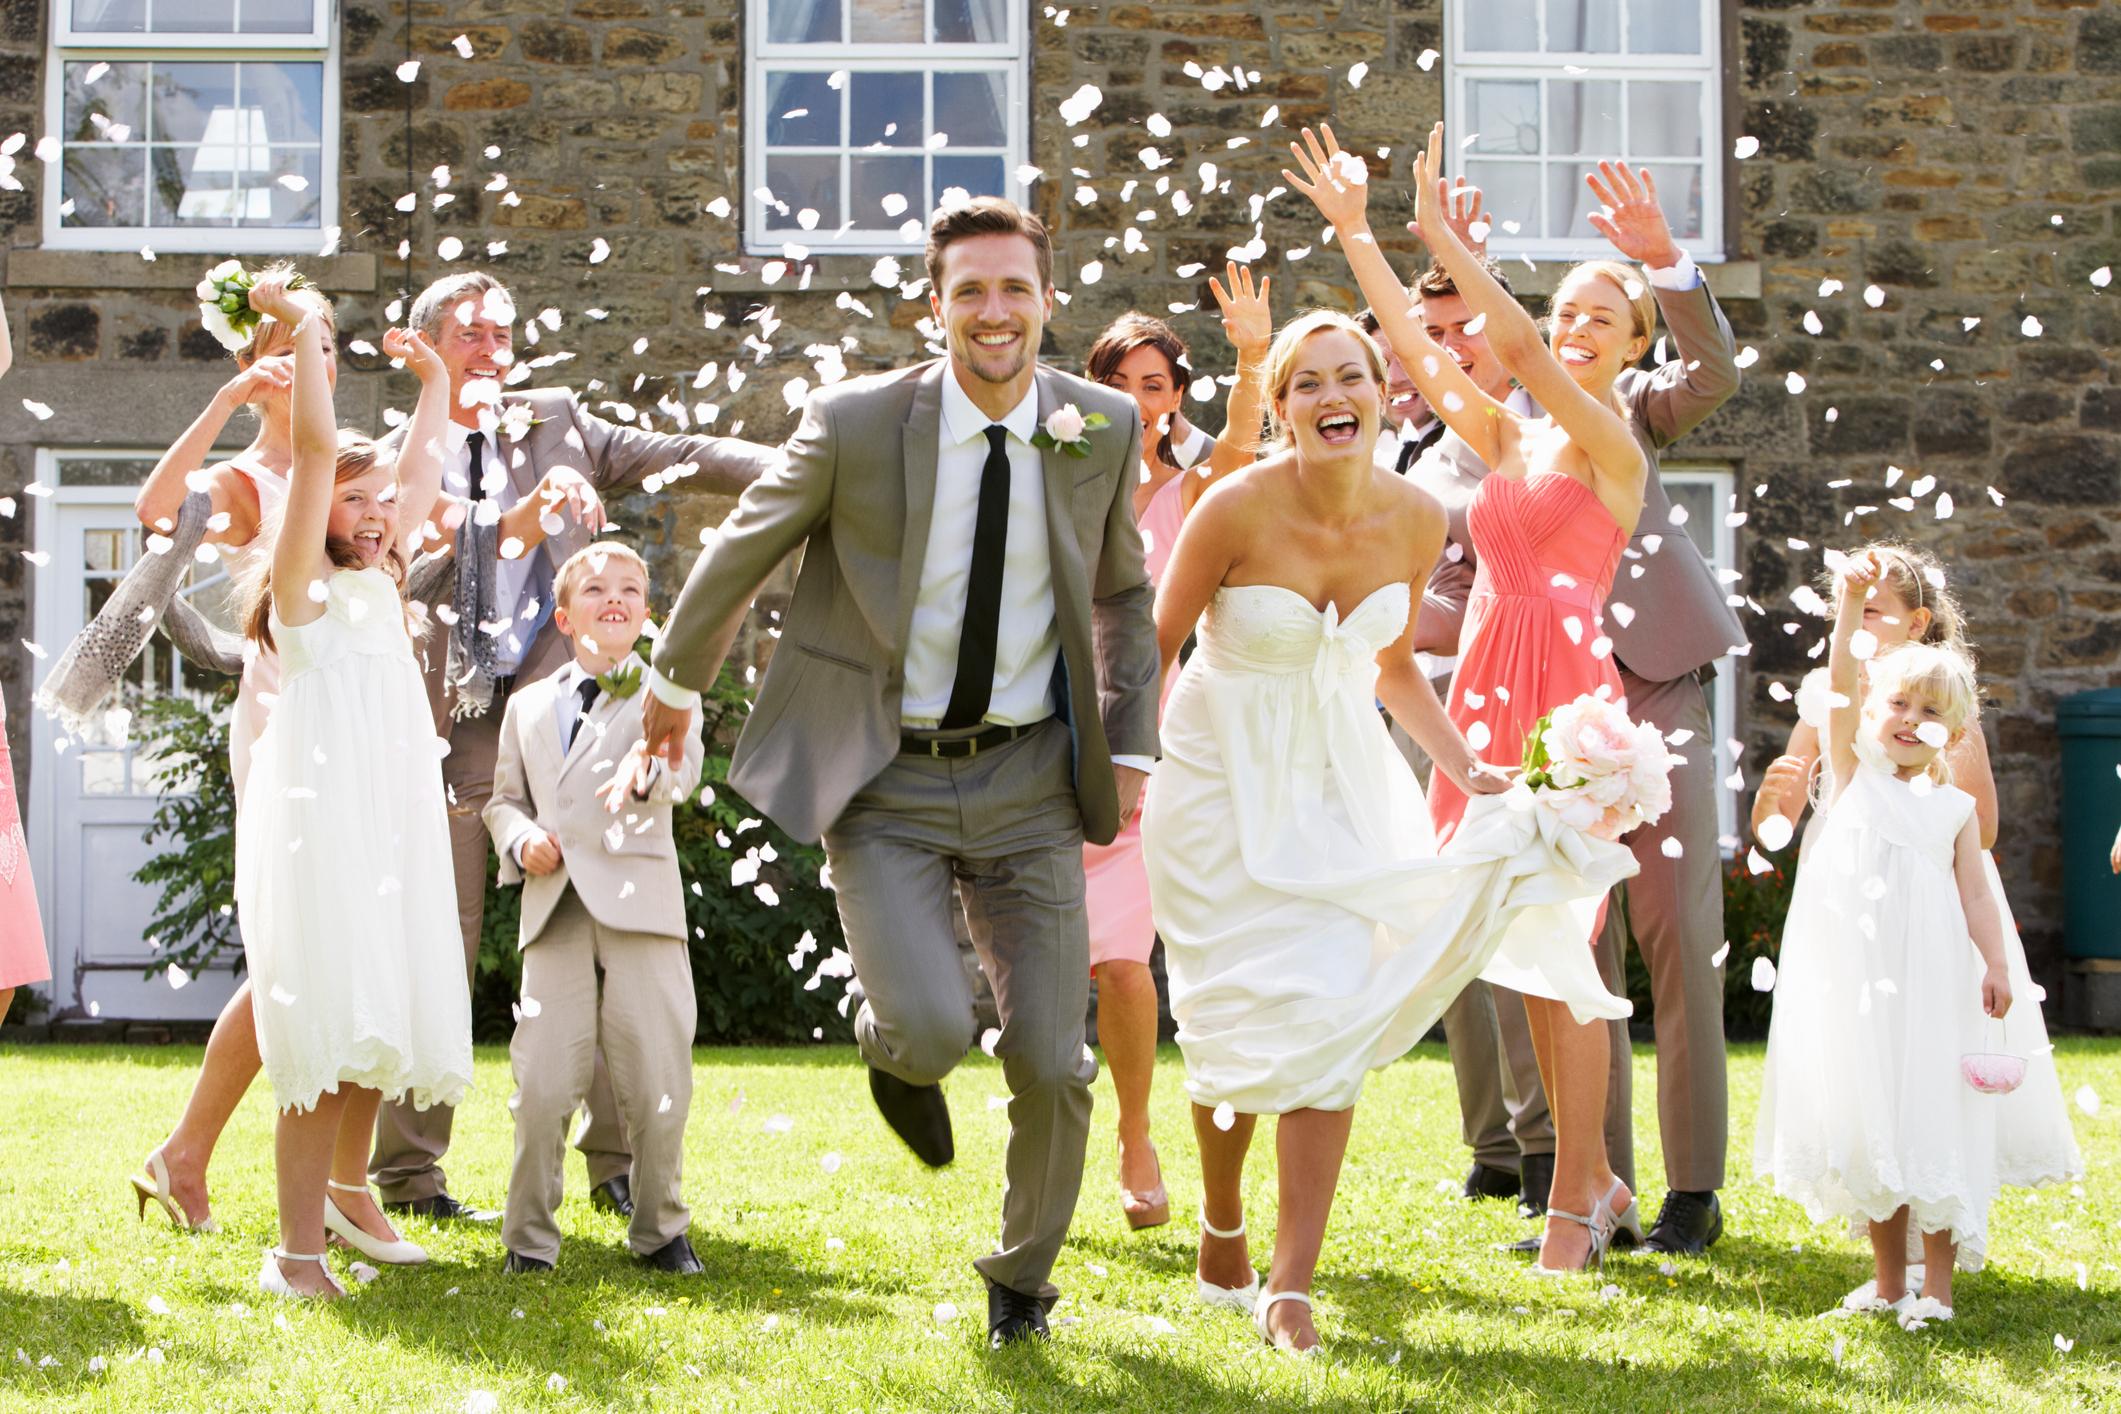 Braut und Bräutigam werden gefeiert